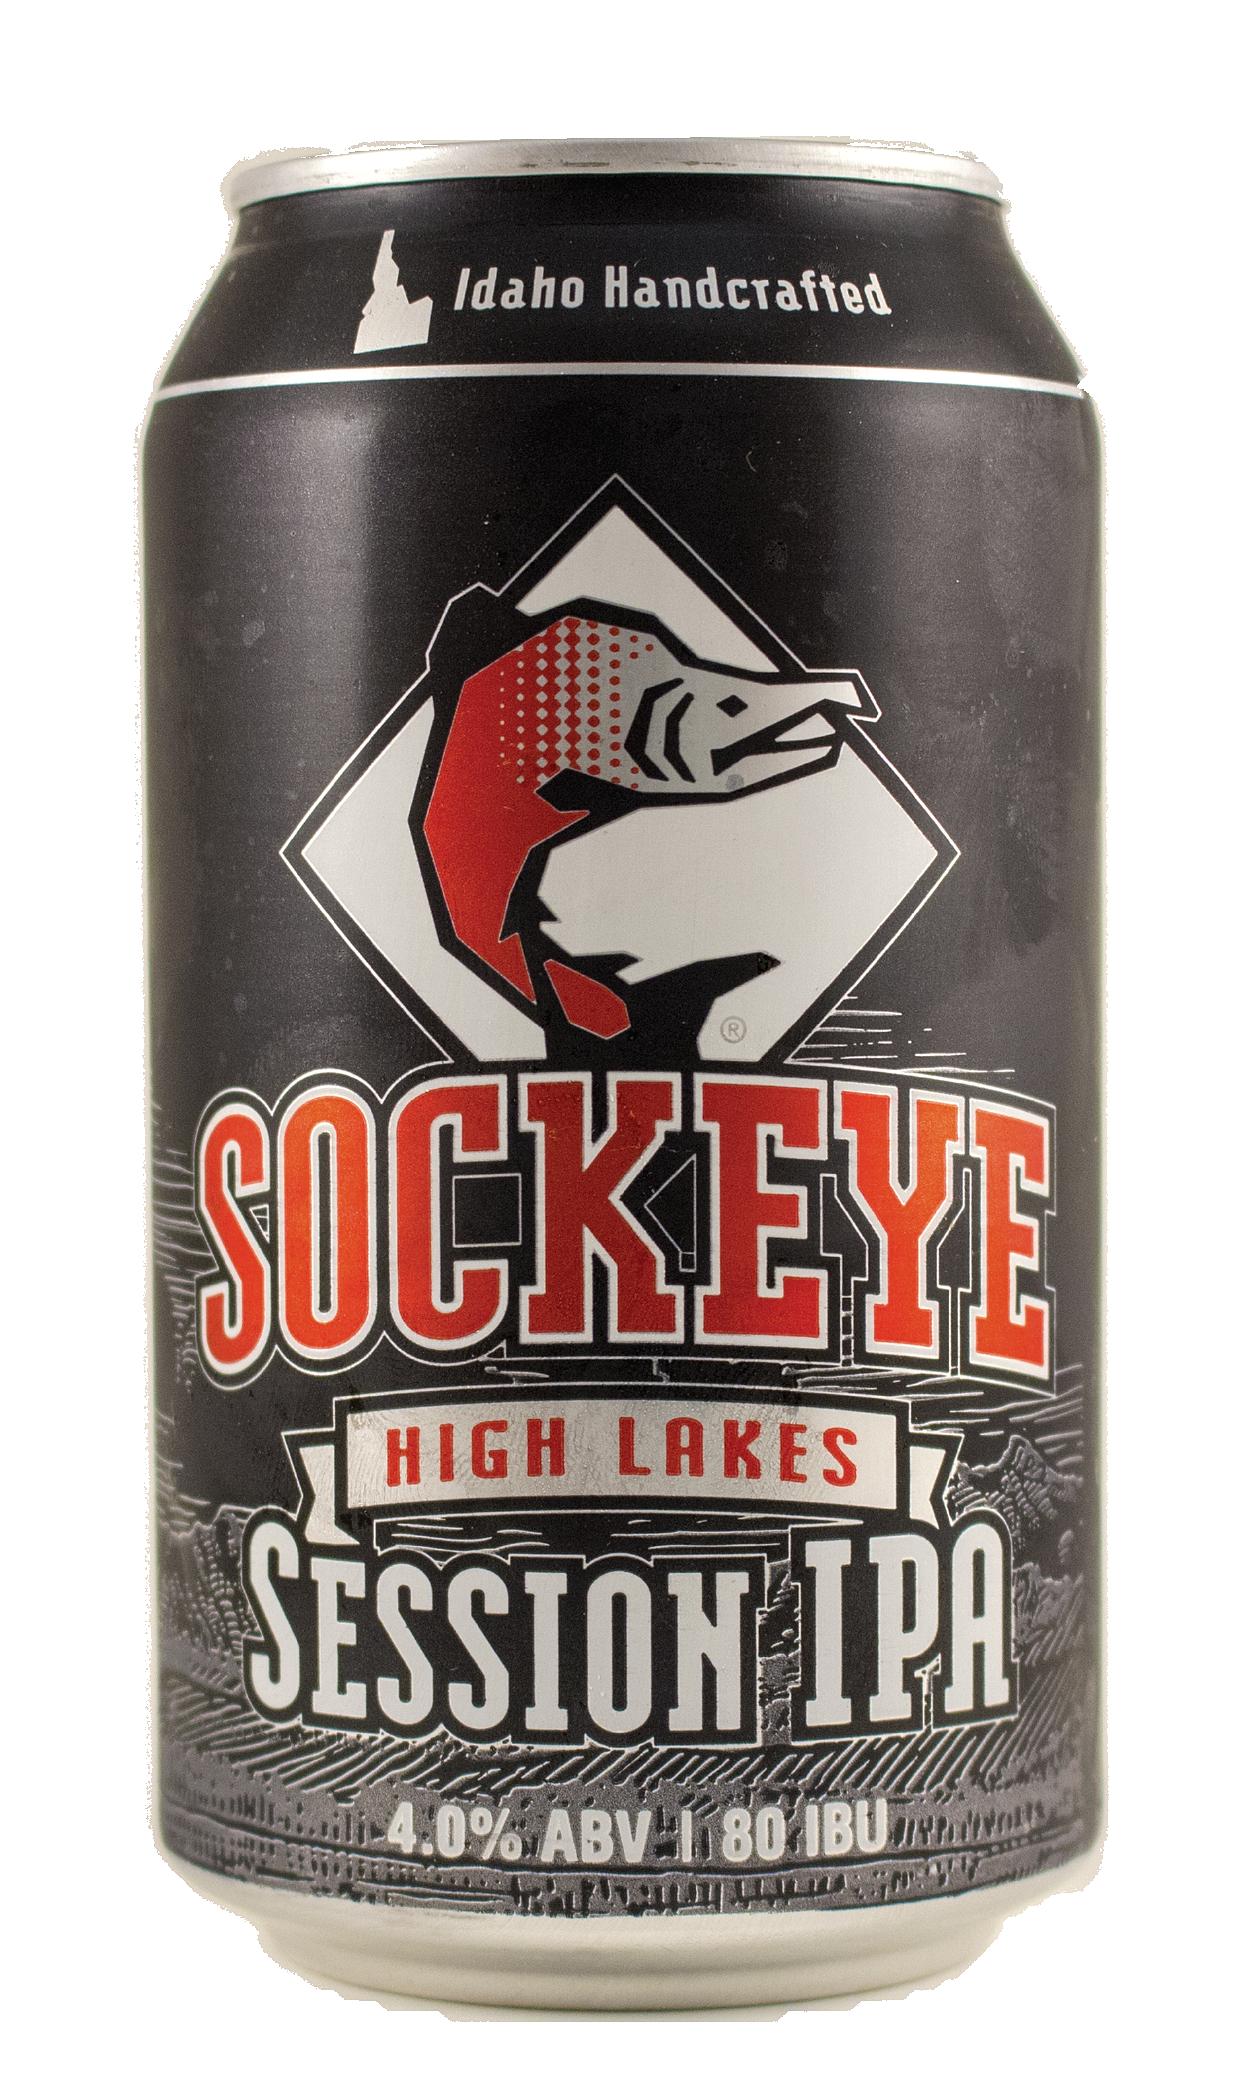 Beer Sockeye Brewing Company Idaho Craft Brewery